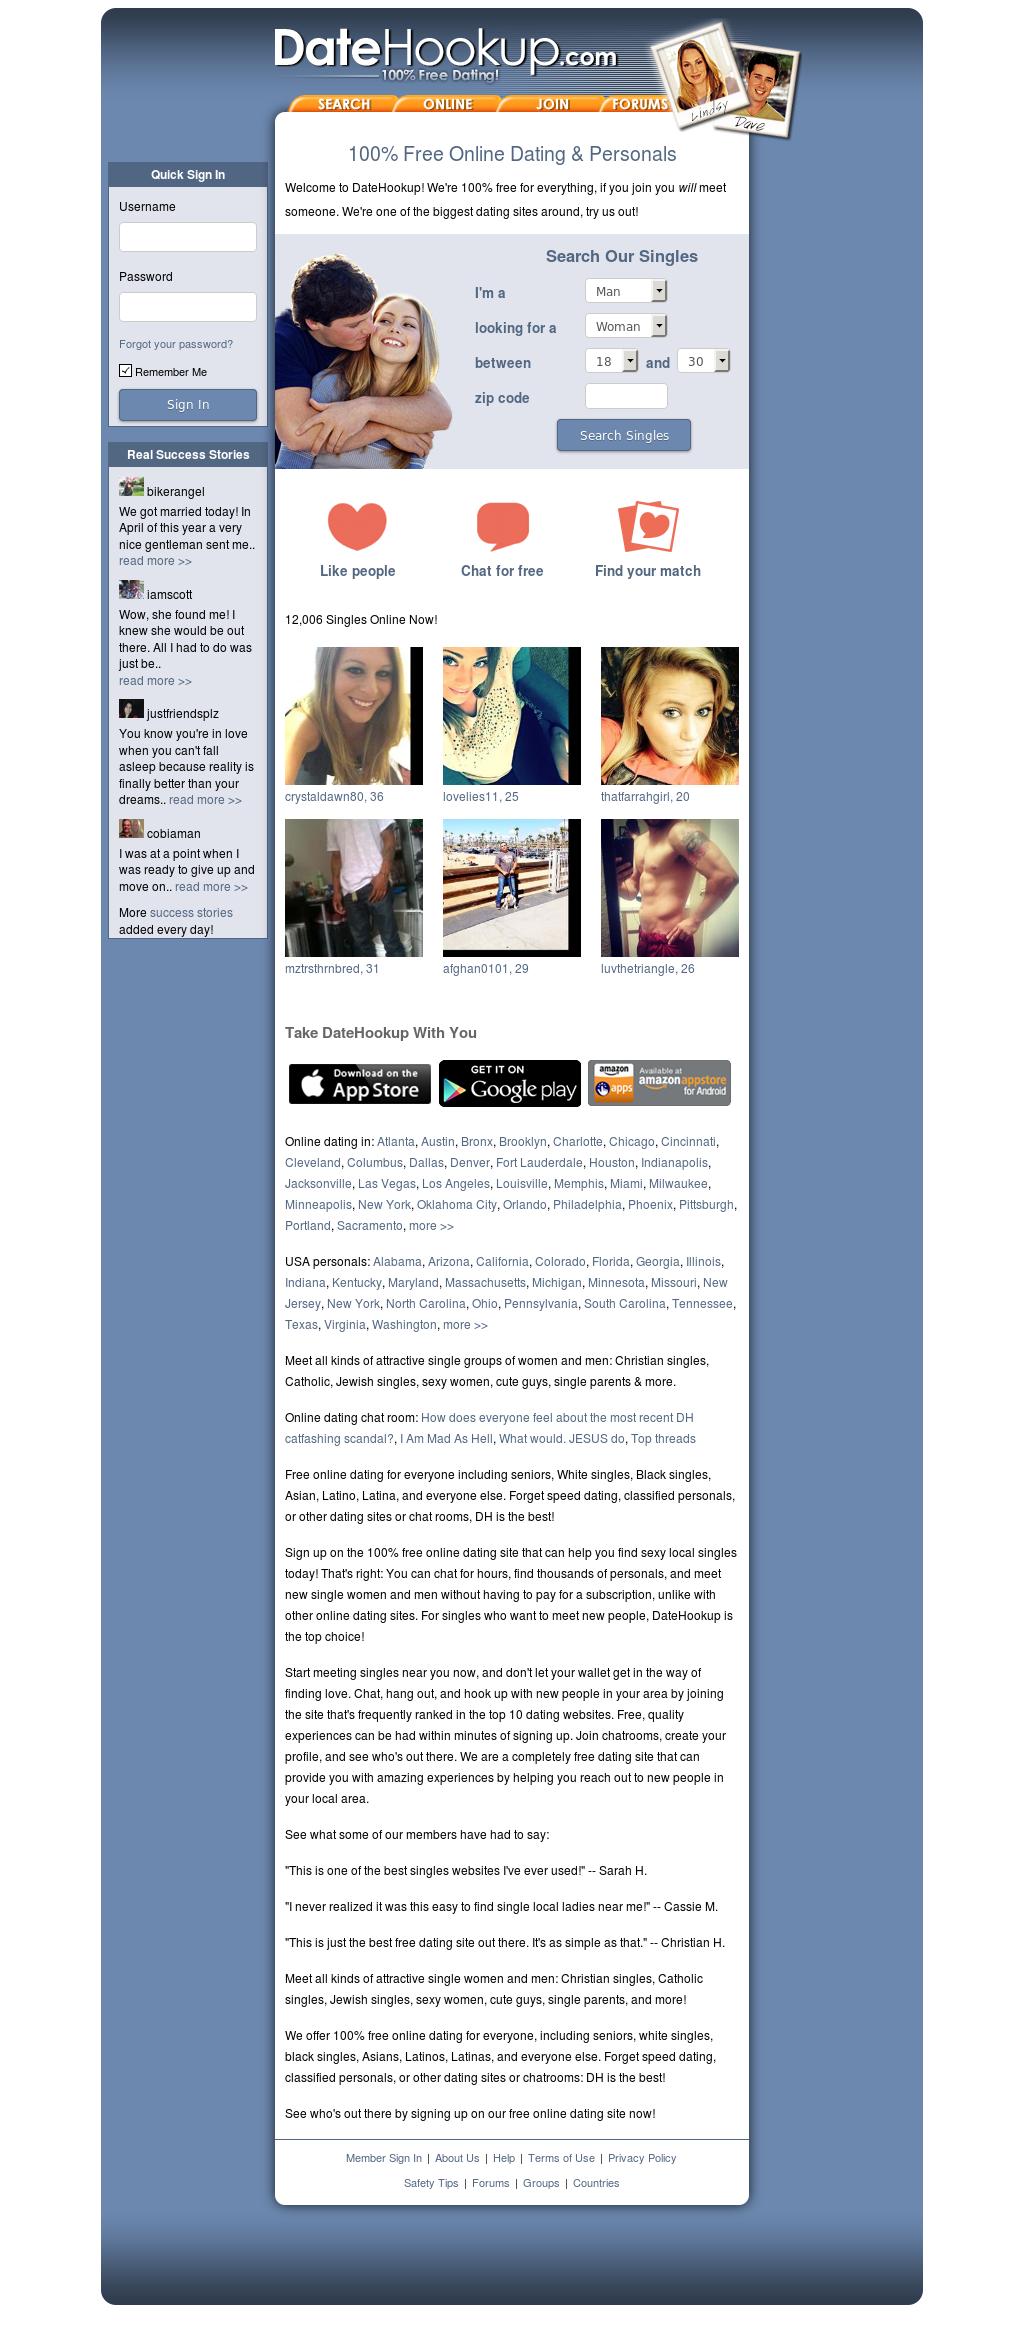 Datehookup online dating site